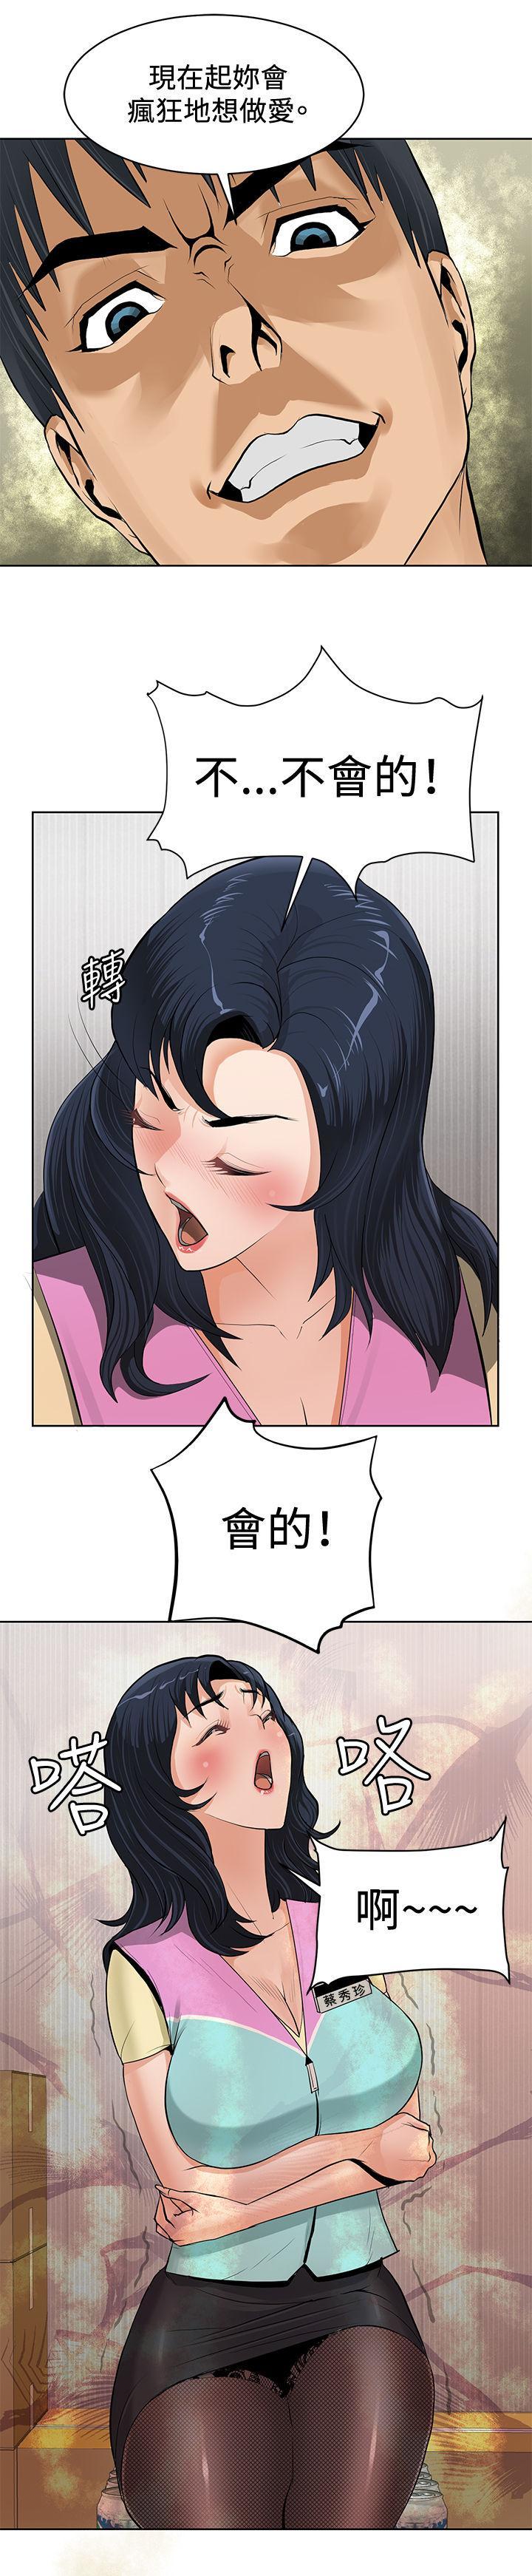 催眠师 第1話 [Chinese]中文 8